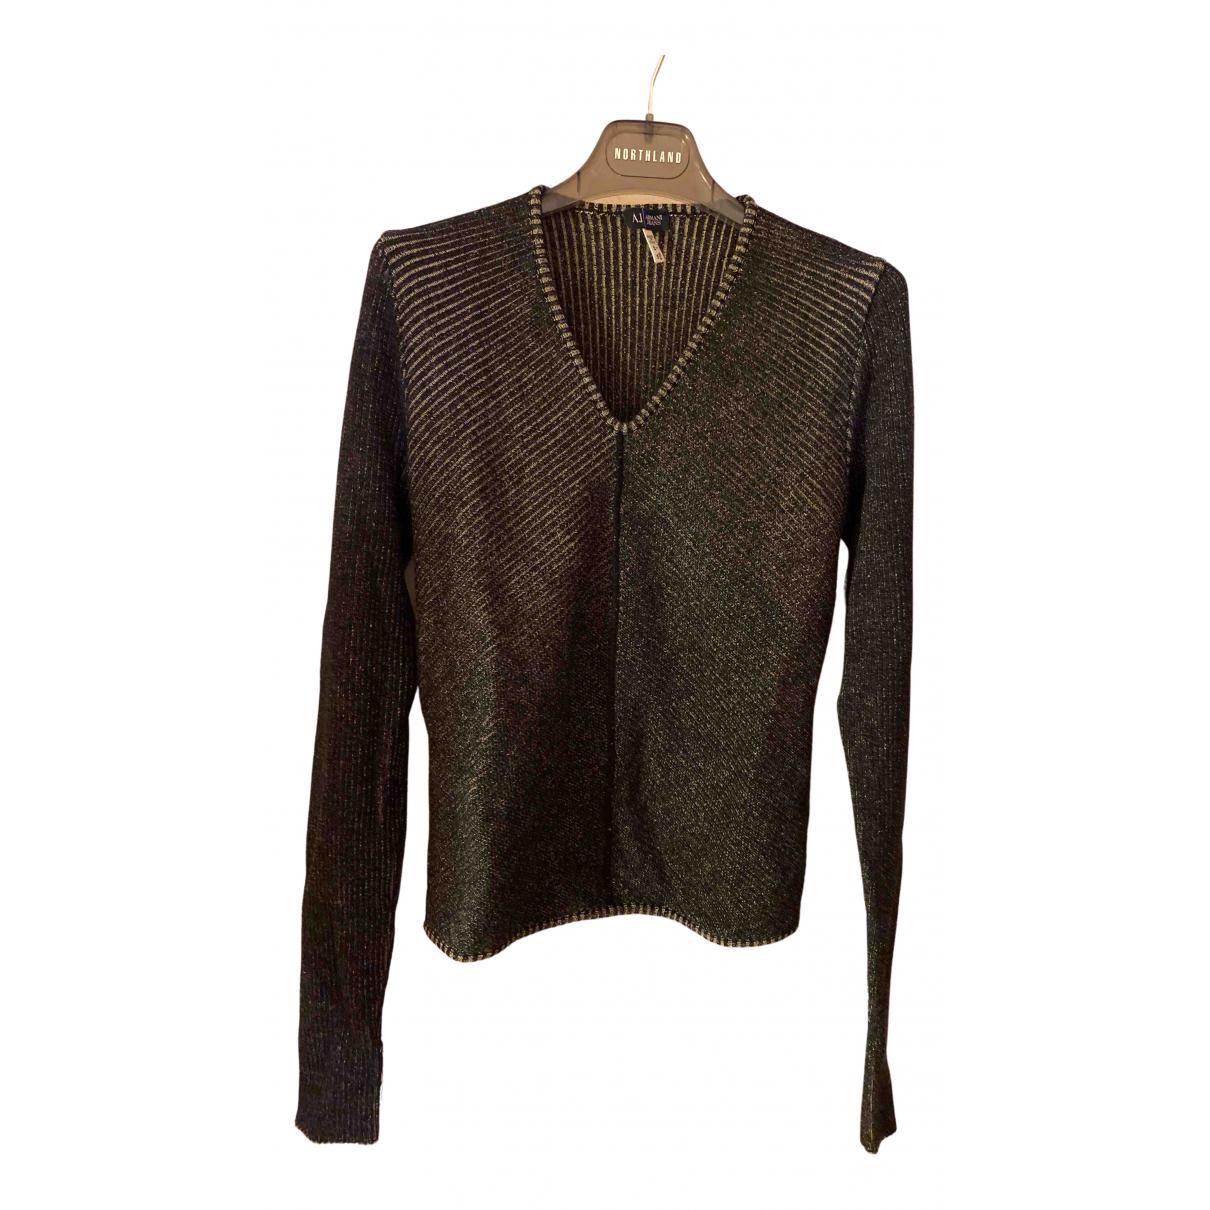 Armani Jeans N Brown Wool Knitwear for Women 44 IT